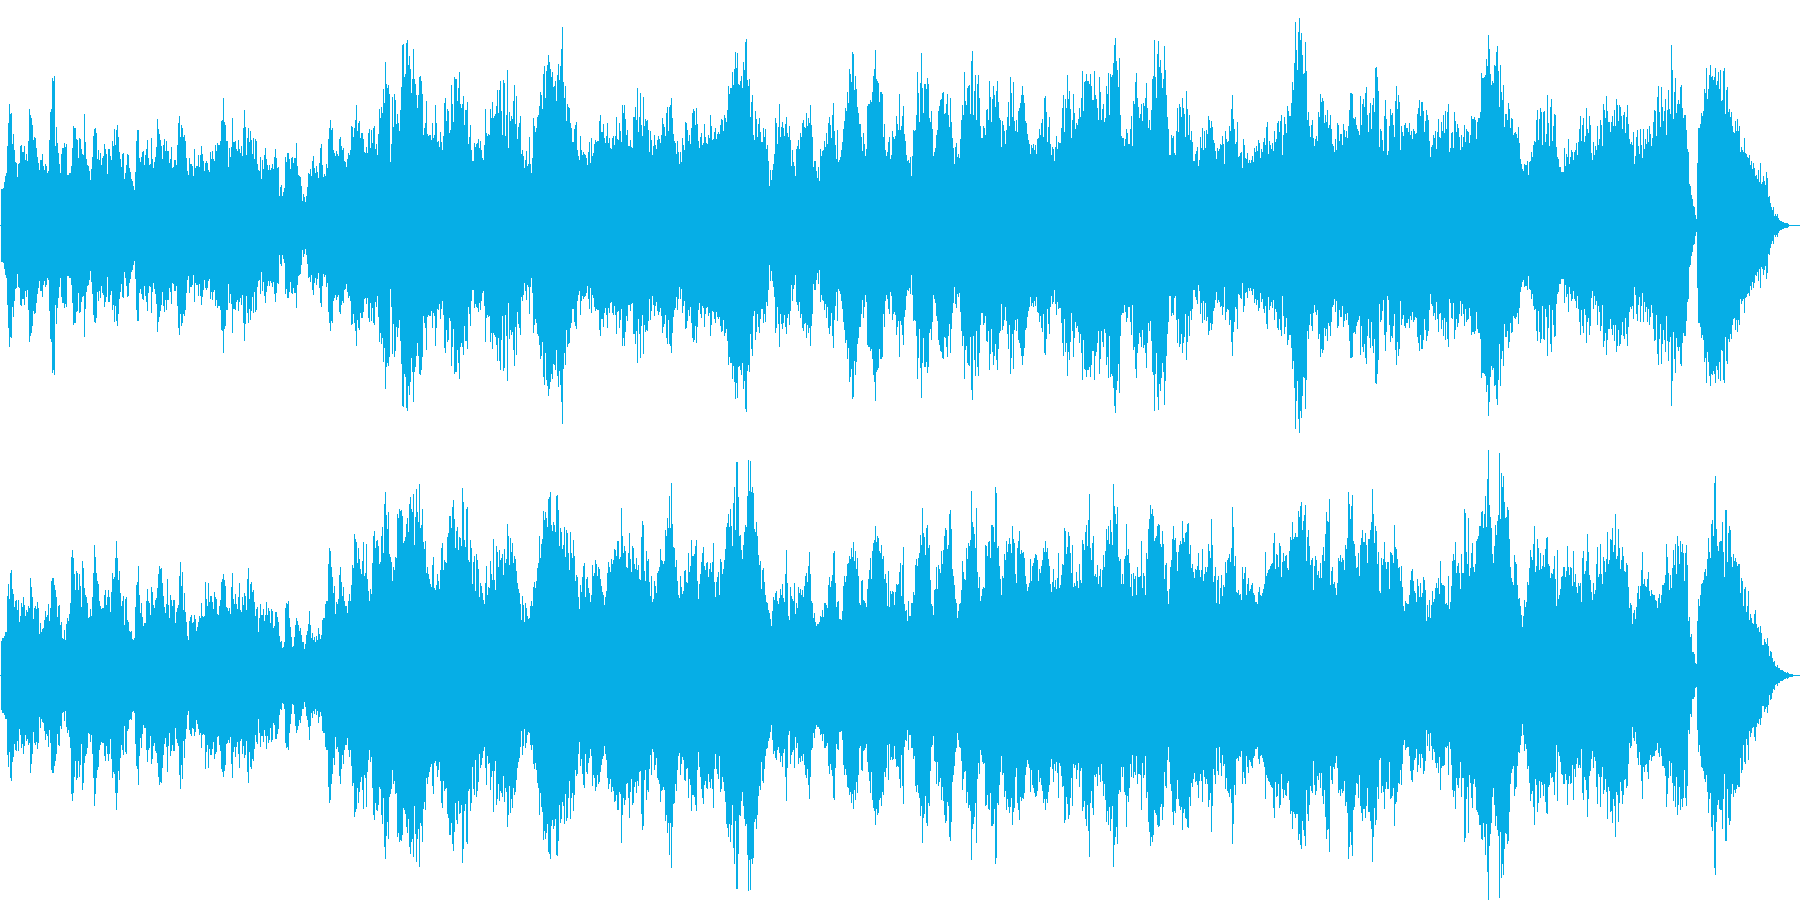 平和な感じのクラシカルな弦楽器の劇伴曲の再生済みの波形